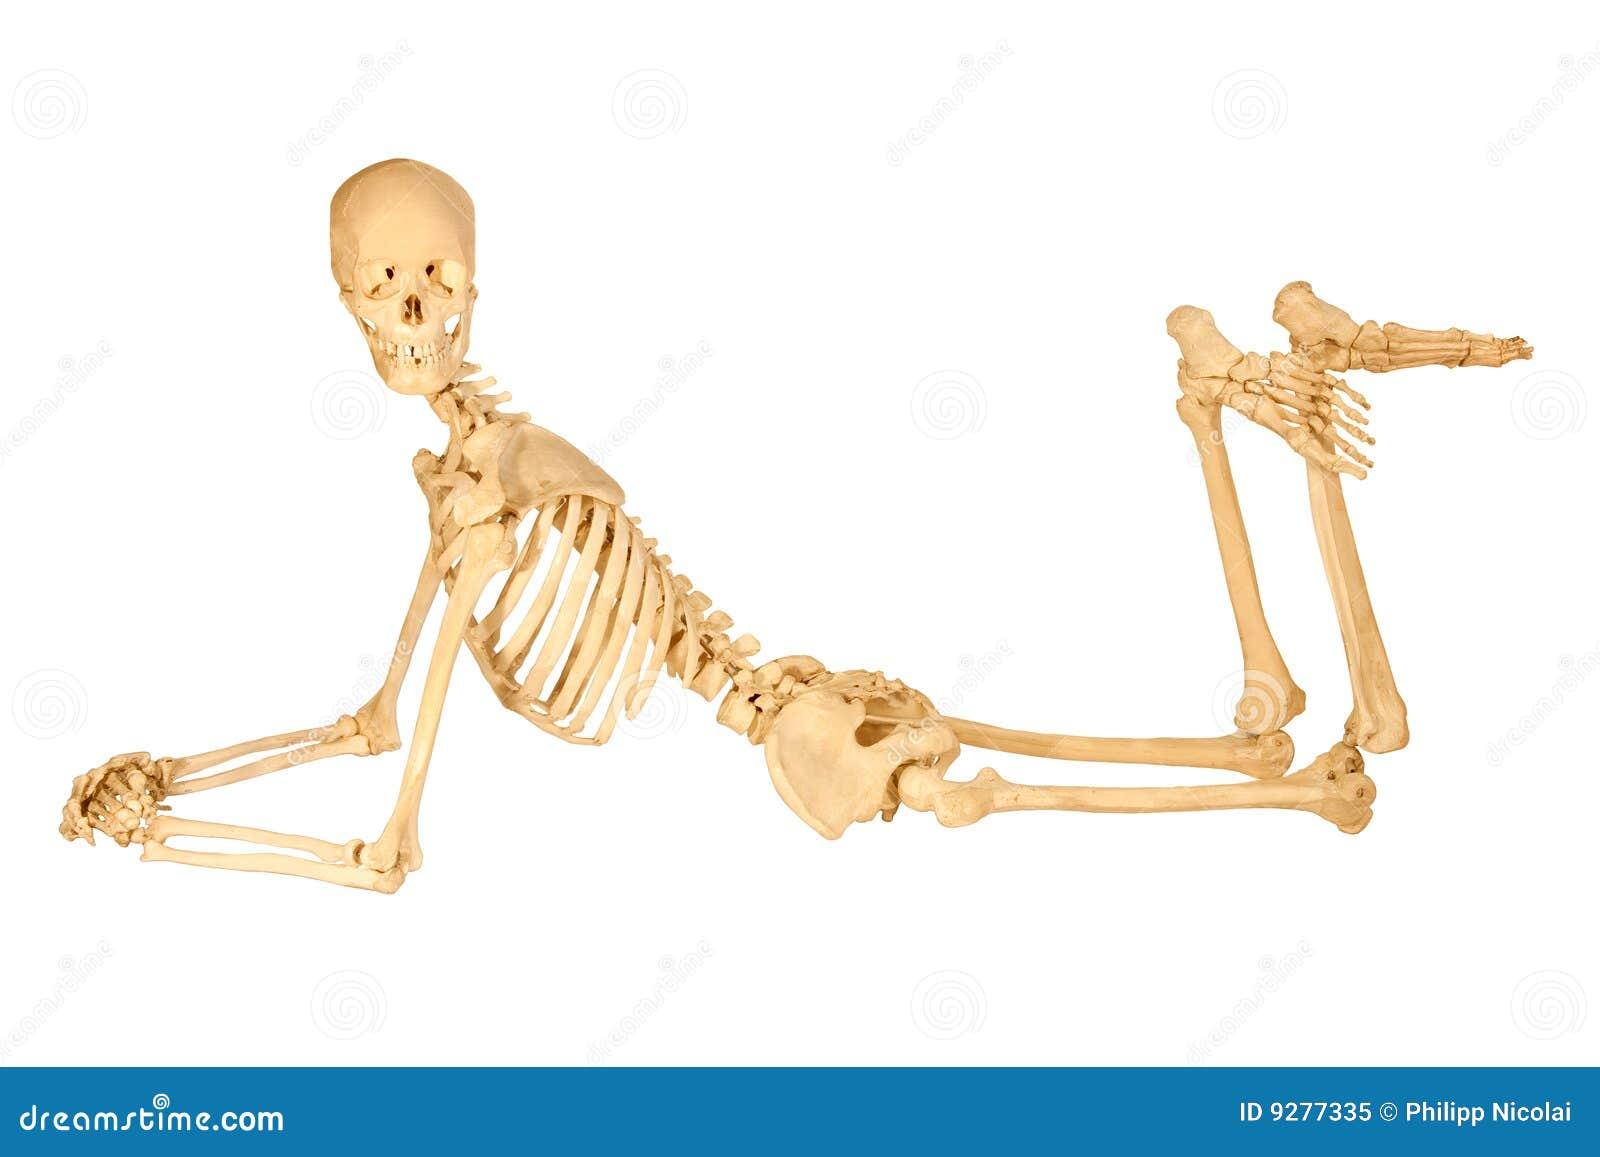 Human Skeleton Posing Royalty Free Stock Photo - Image: 9277335